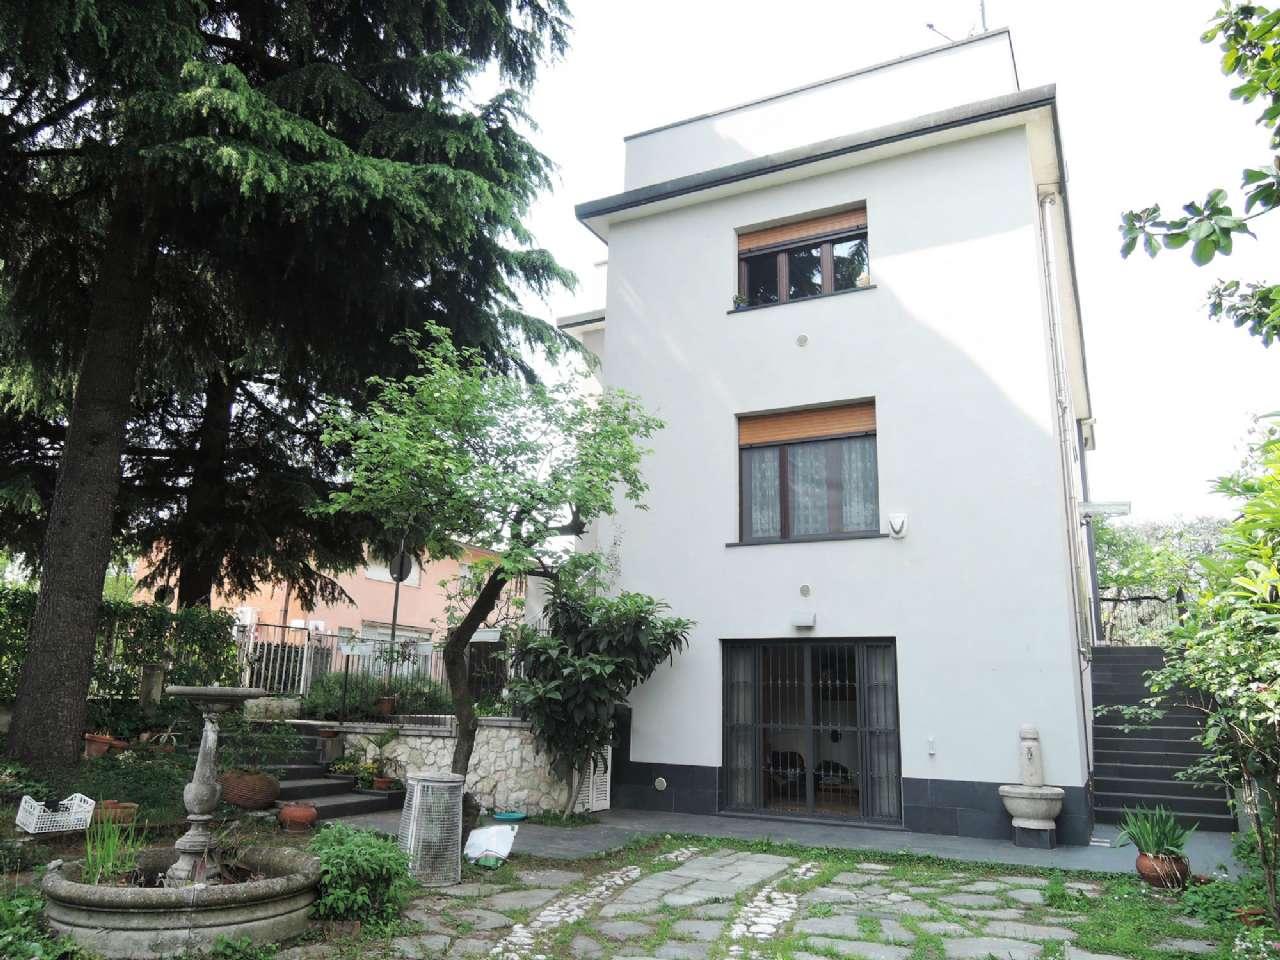 Appartamento in vendita a Milano, 4 locali, zona Zona: 14 . Lotto, Novara, San Siro, QT8 , Montestella, Rembrandt, Trattative riservate | CambioCasa.it